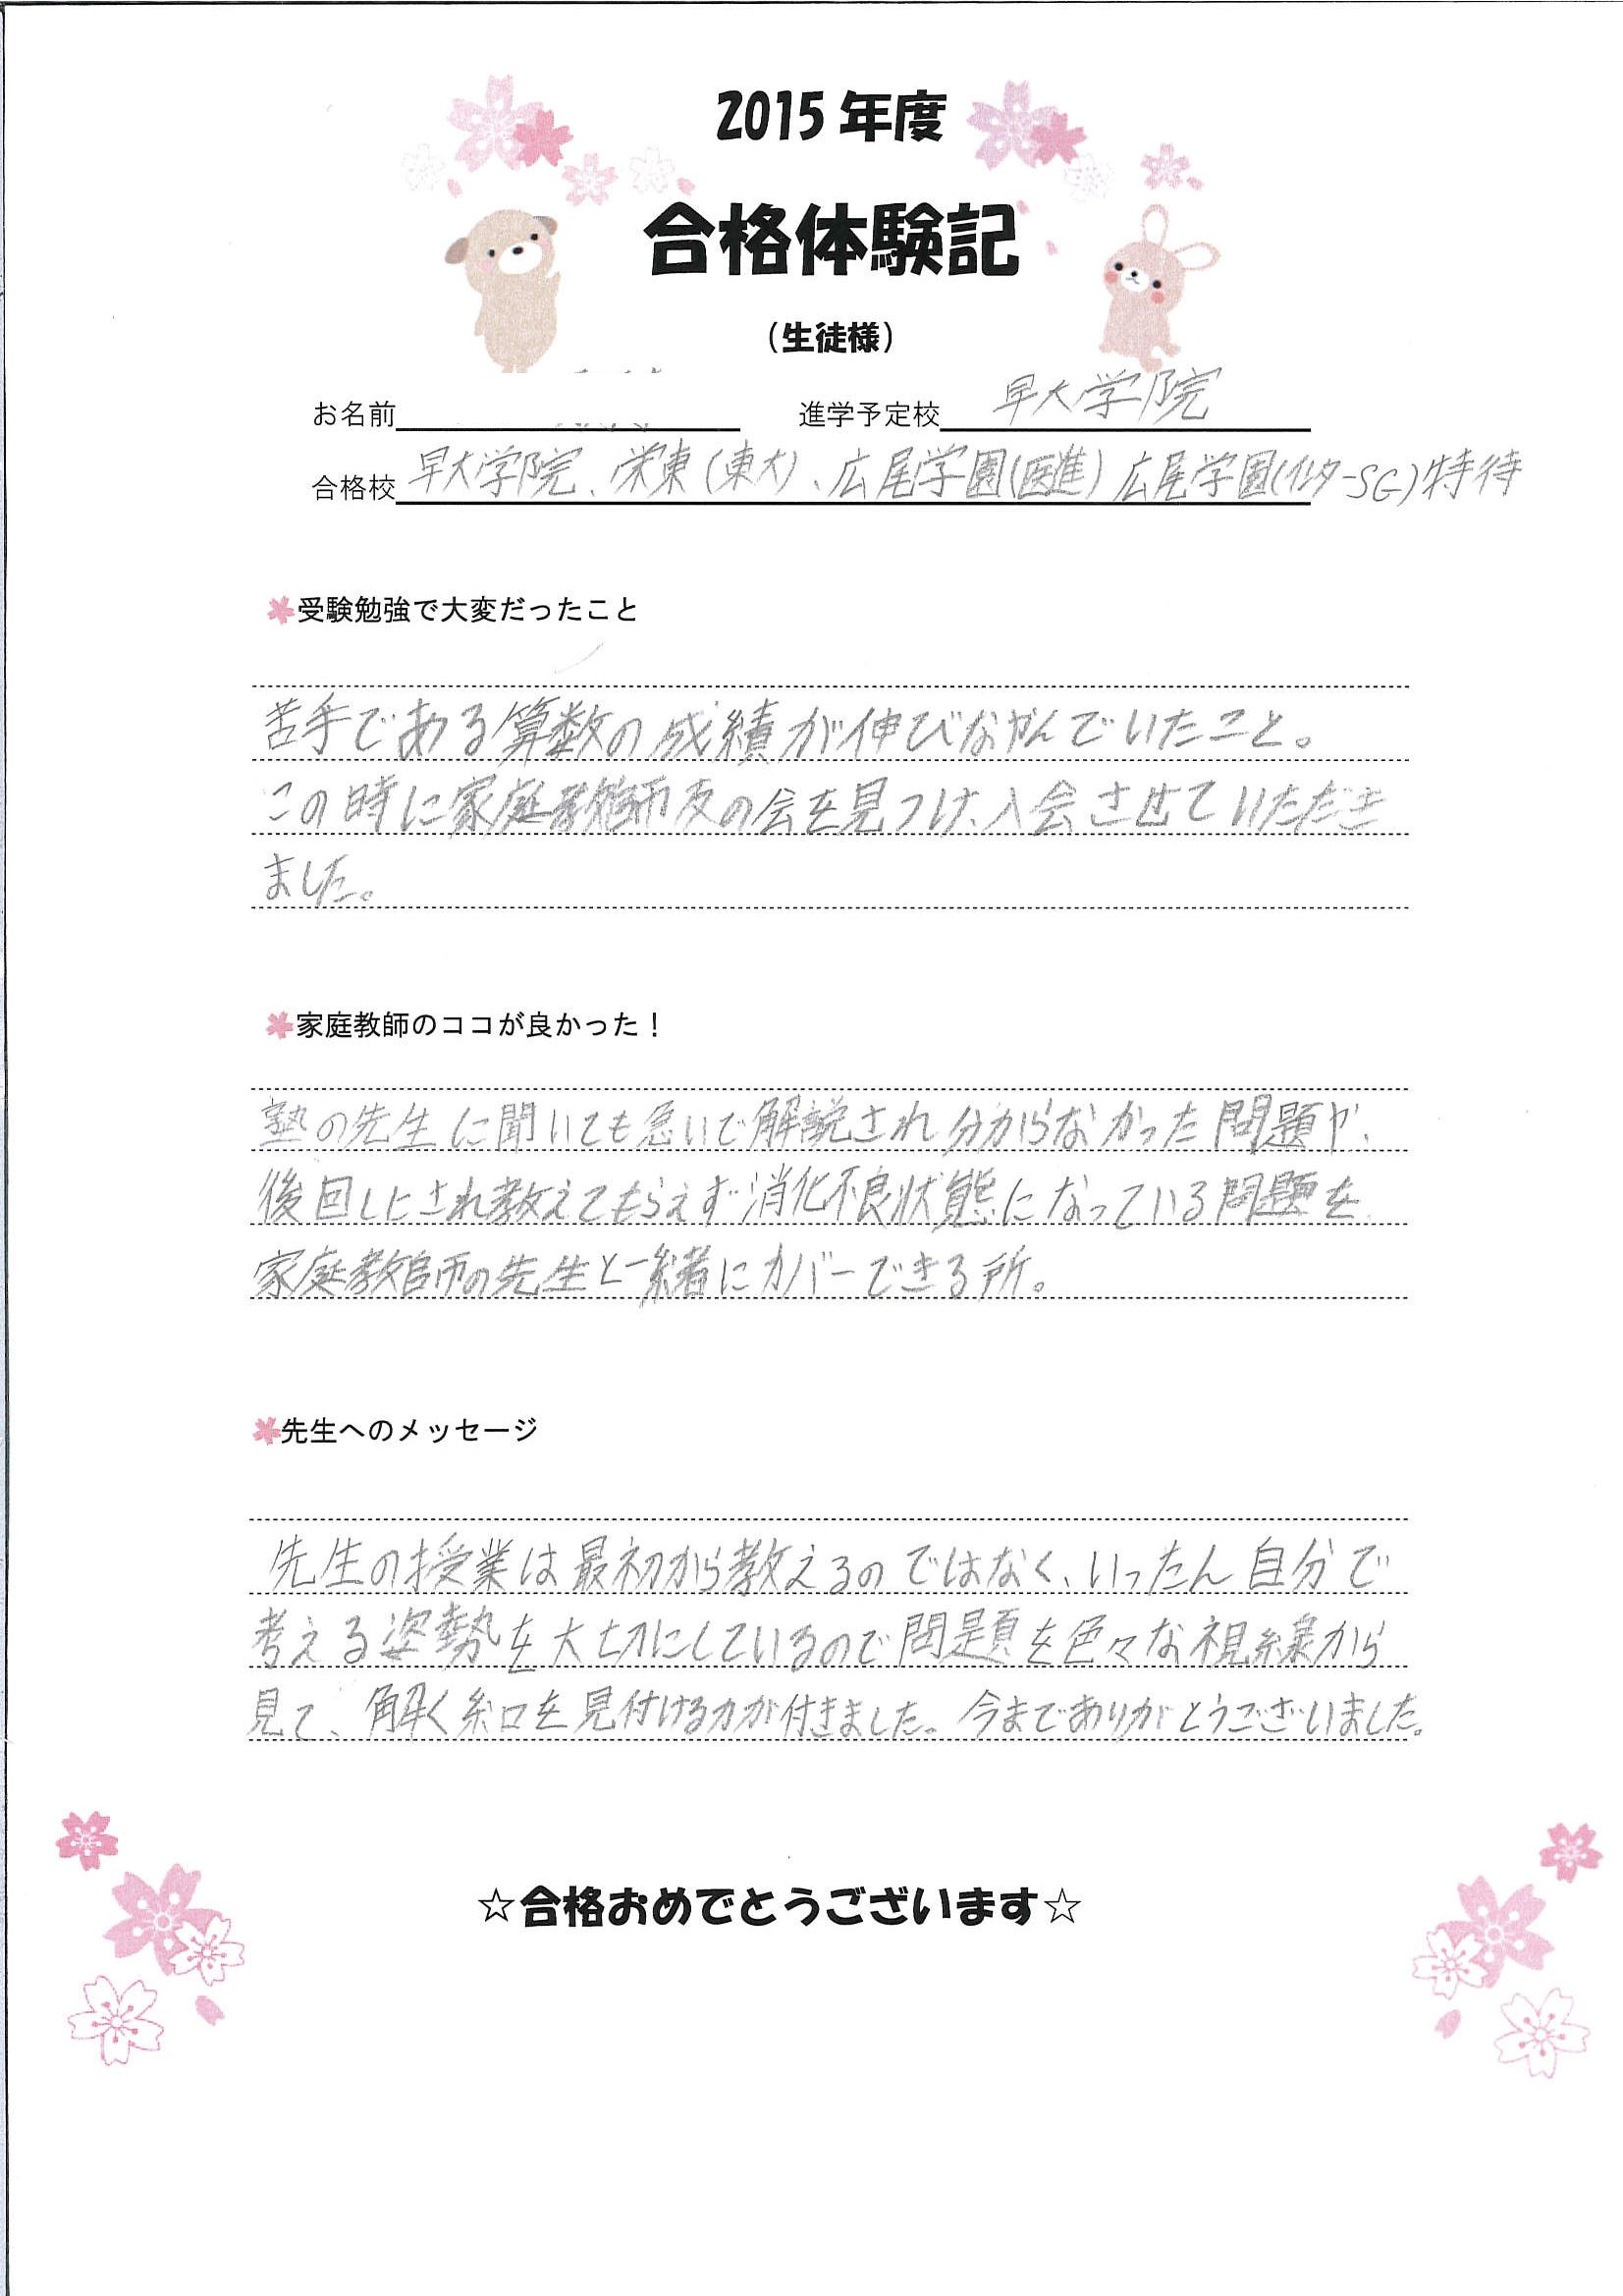 受験 中学 大学 対策 学院 早稲田 高等 部